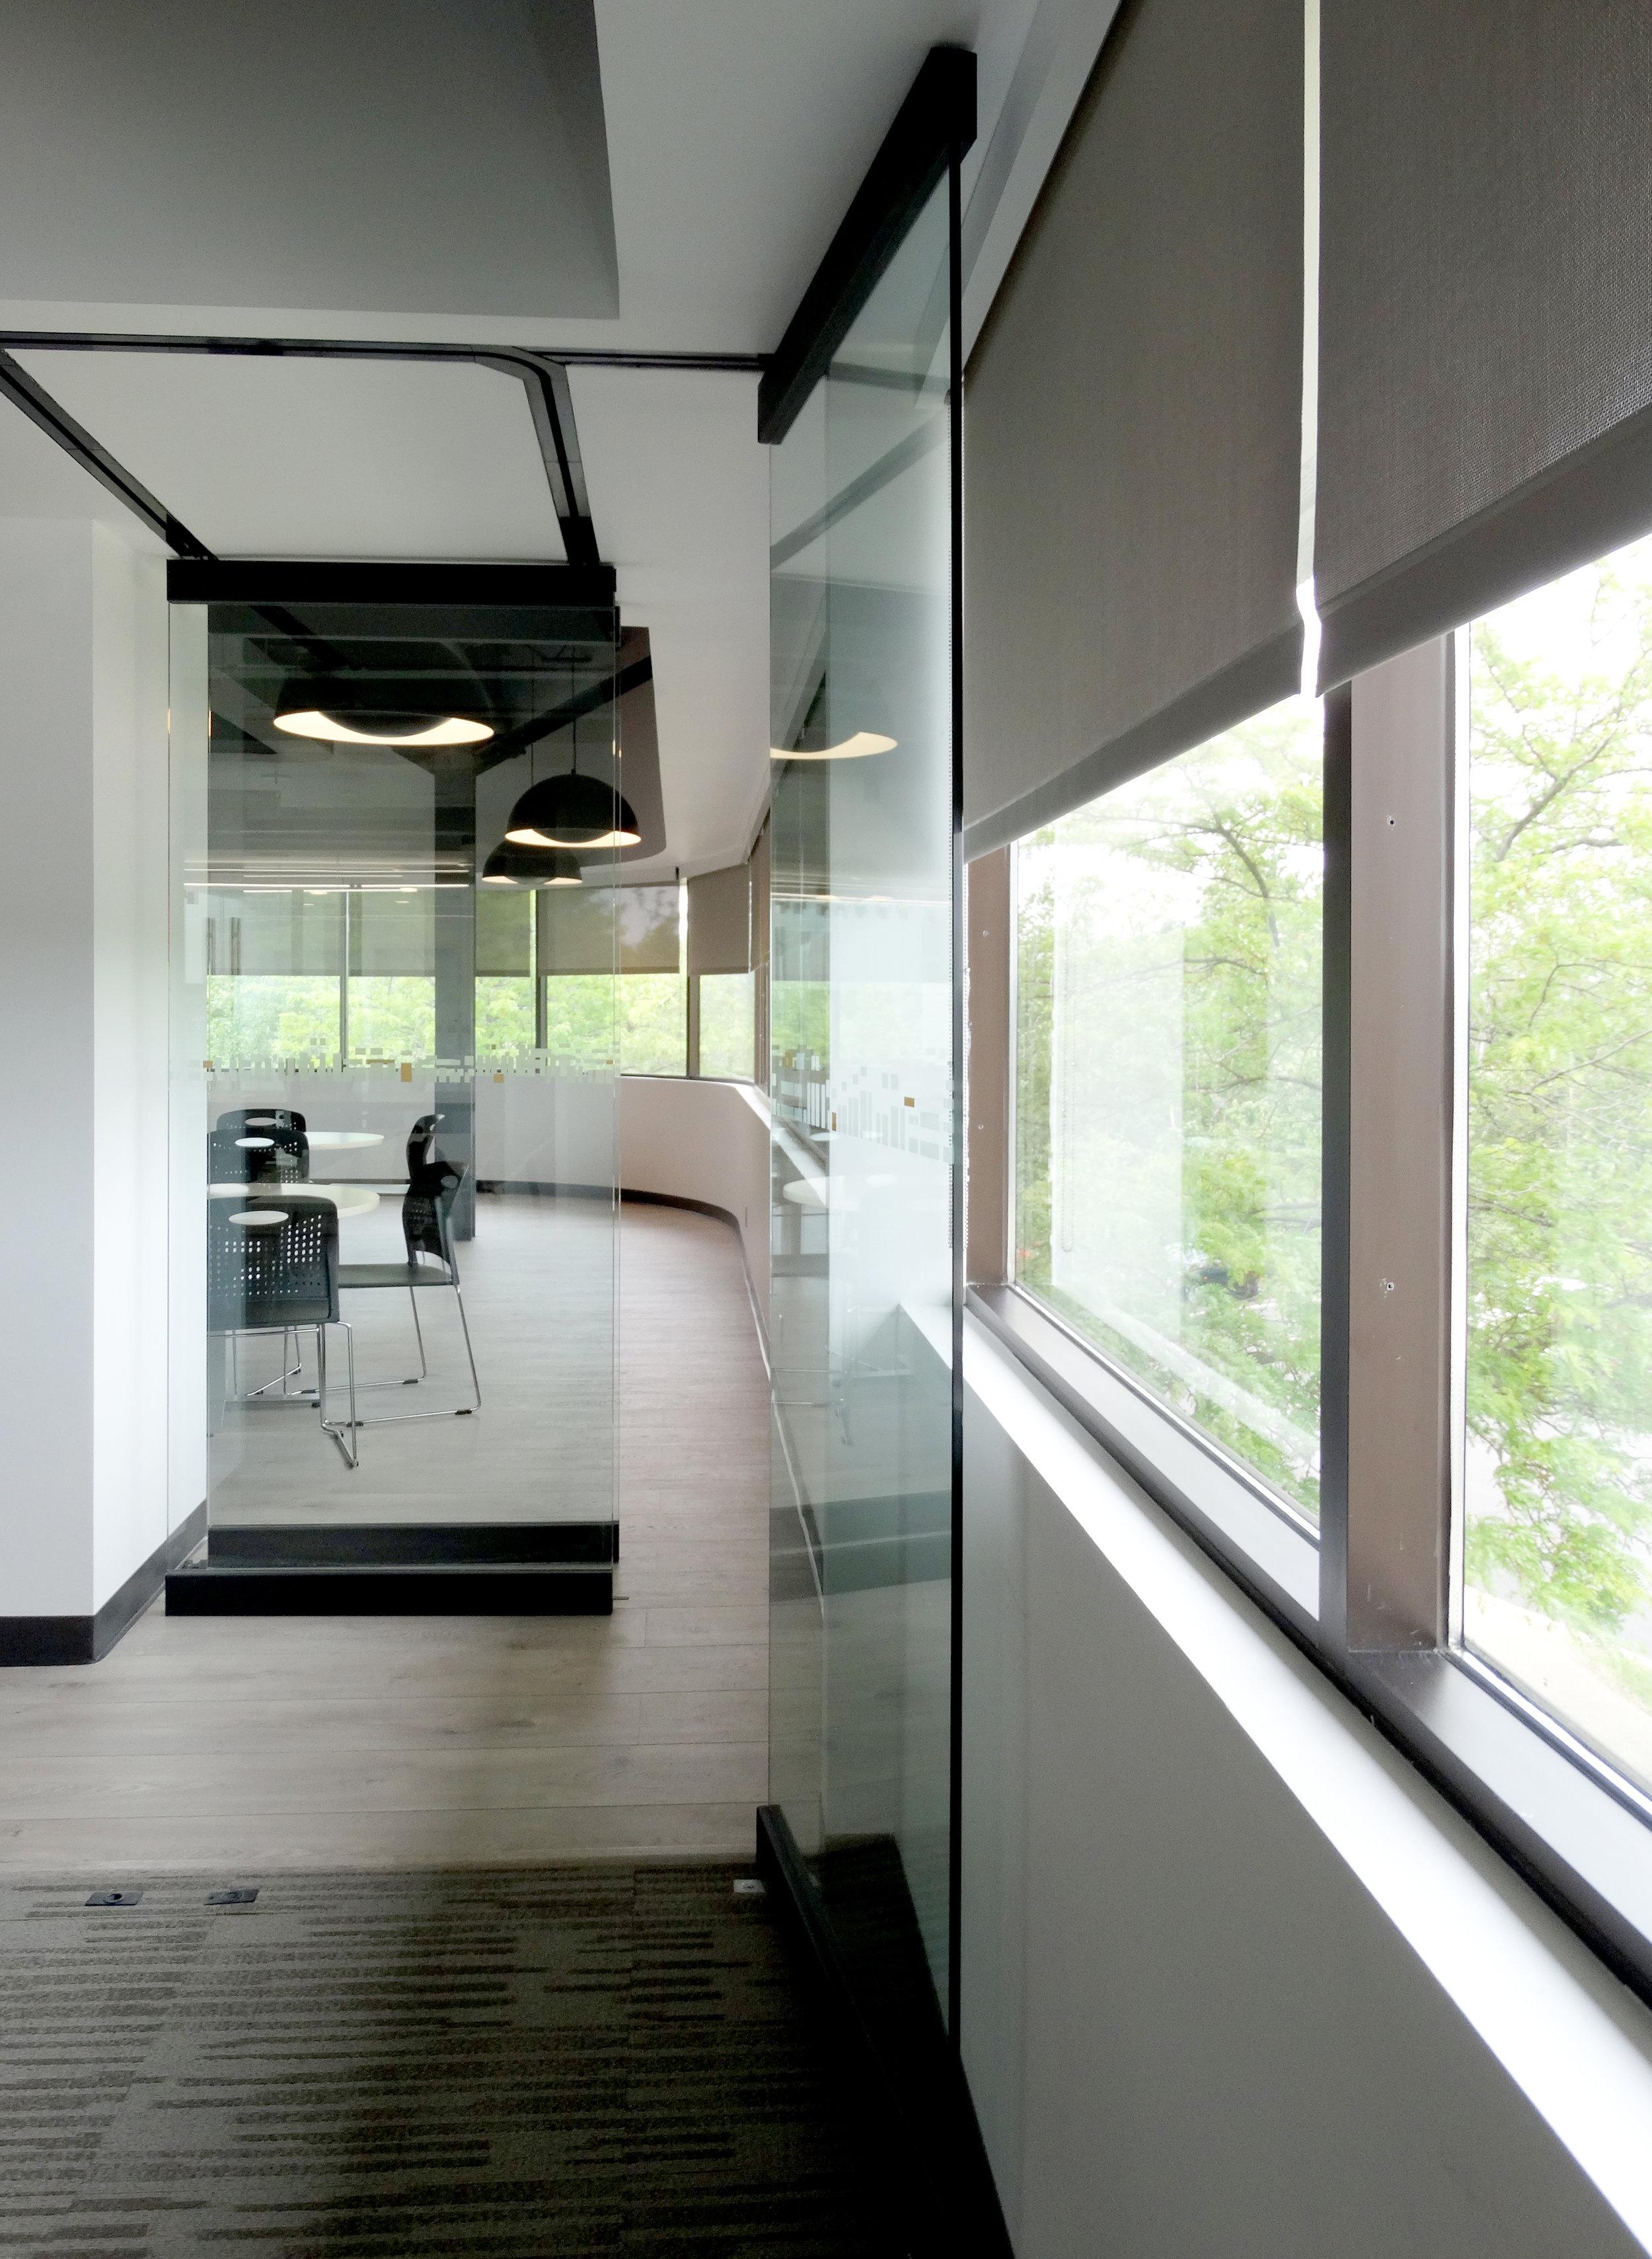 Illume Frameless Glass Sliding Stacking Wall - Spaceworks AI.jpg